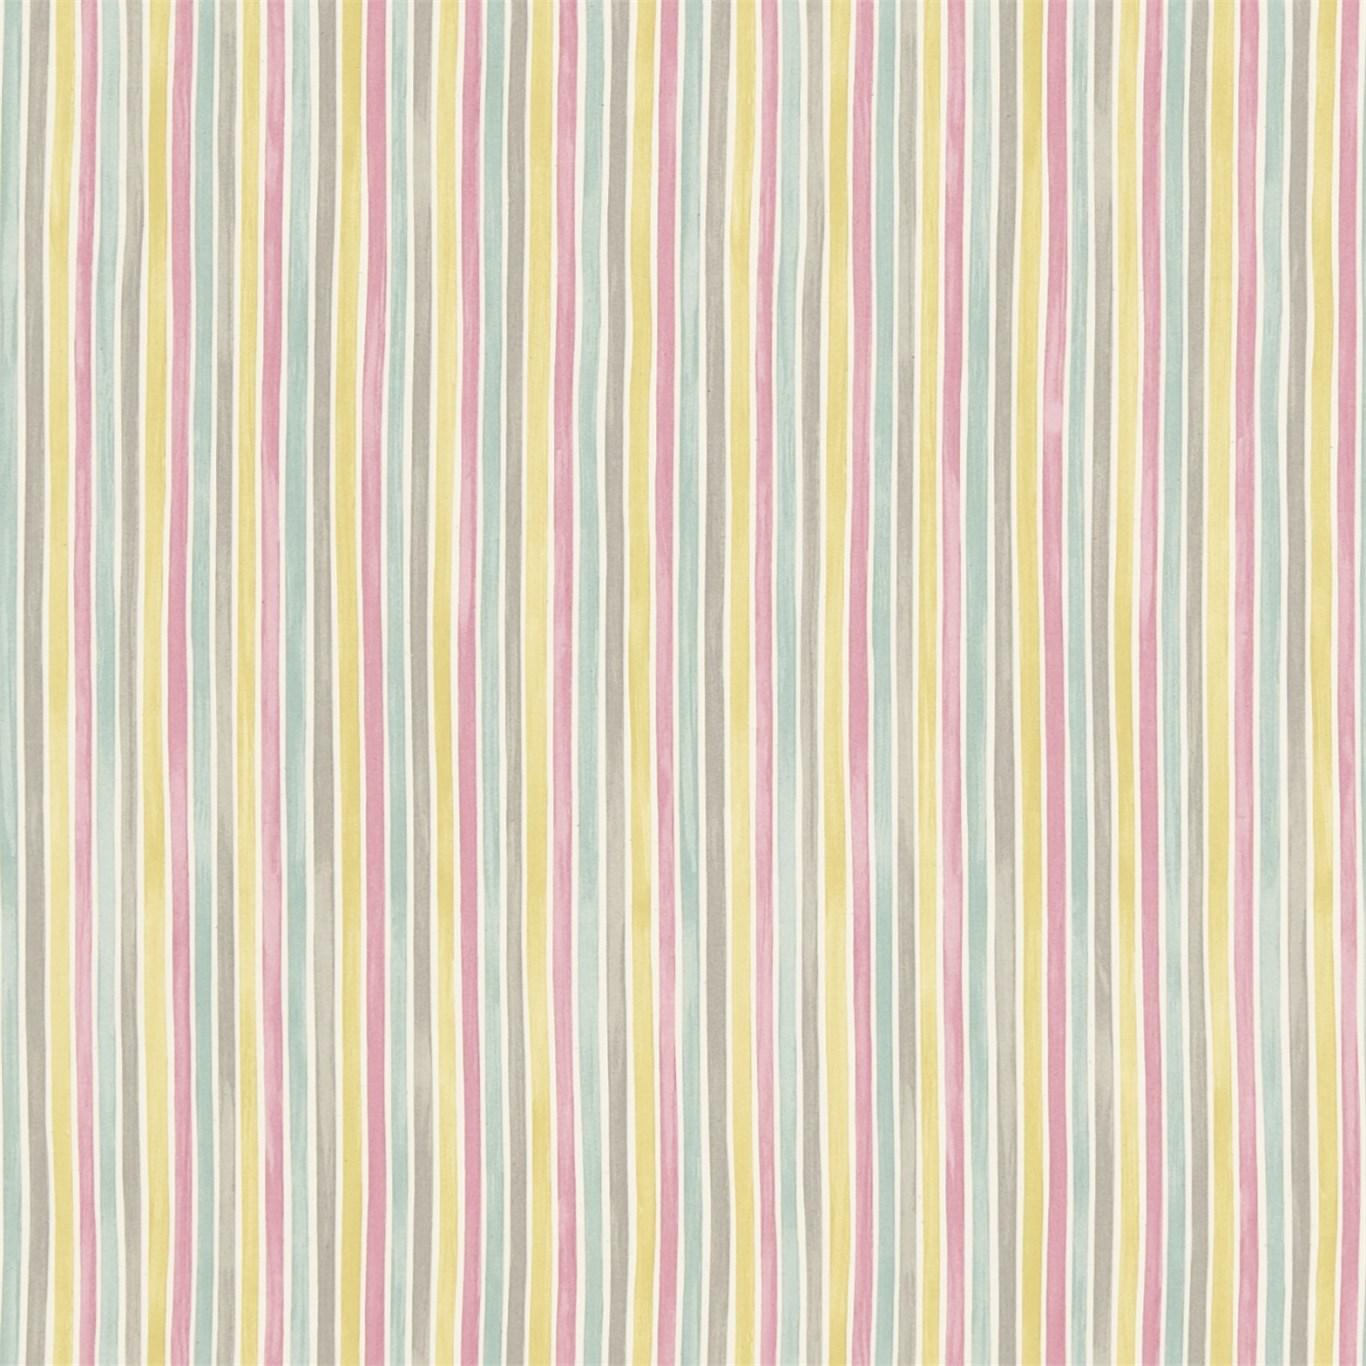 EB Tyg Polka Stripe Rosagulgrå